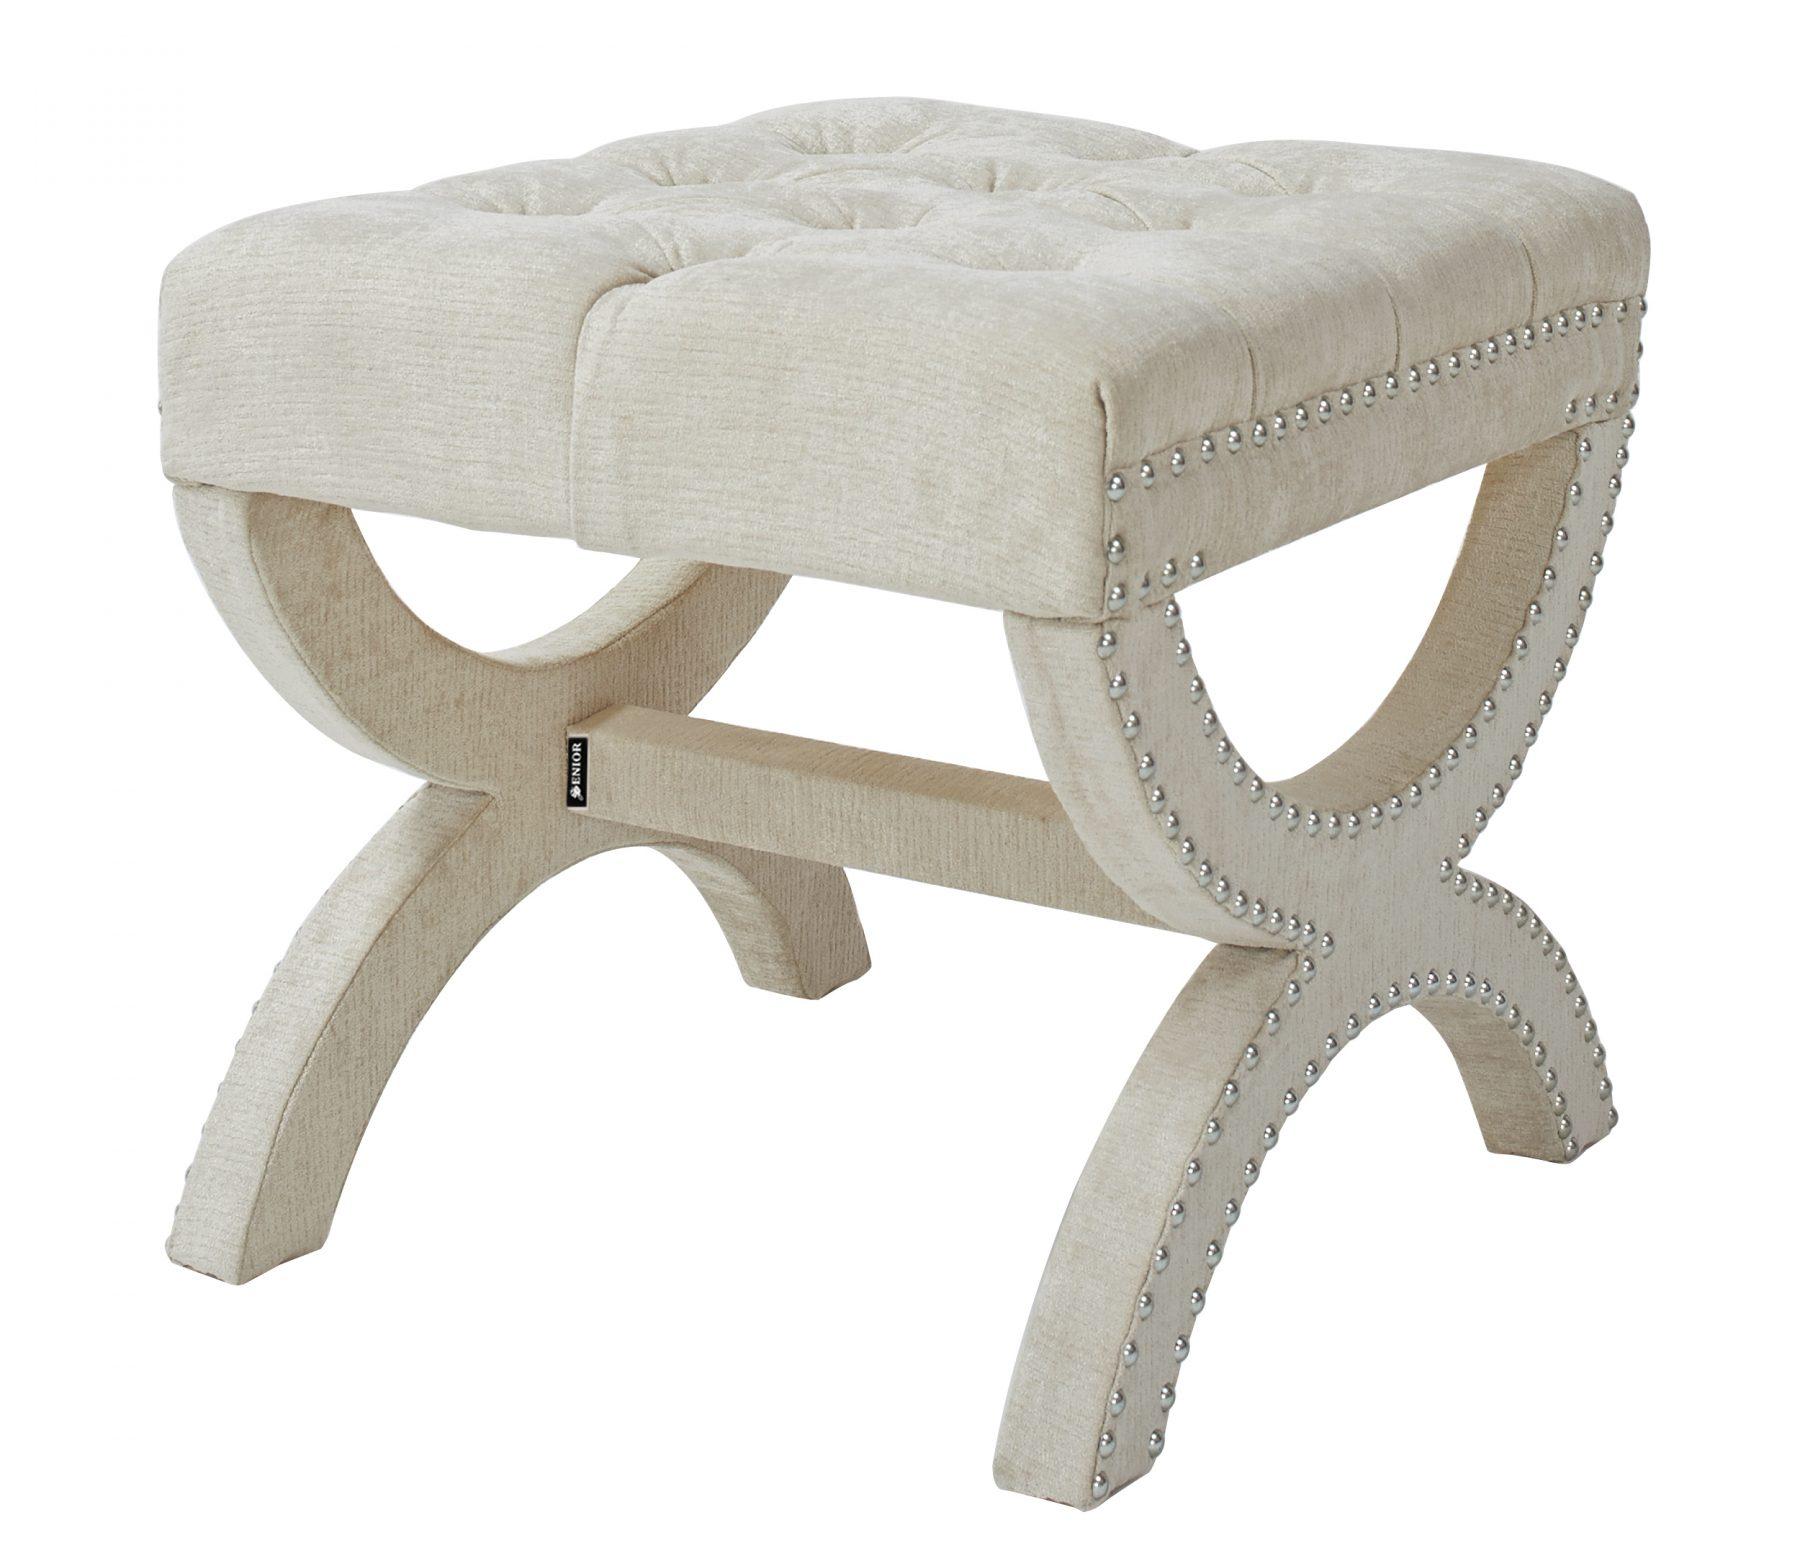 Stunning cream studded stool